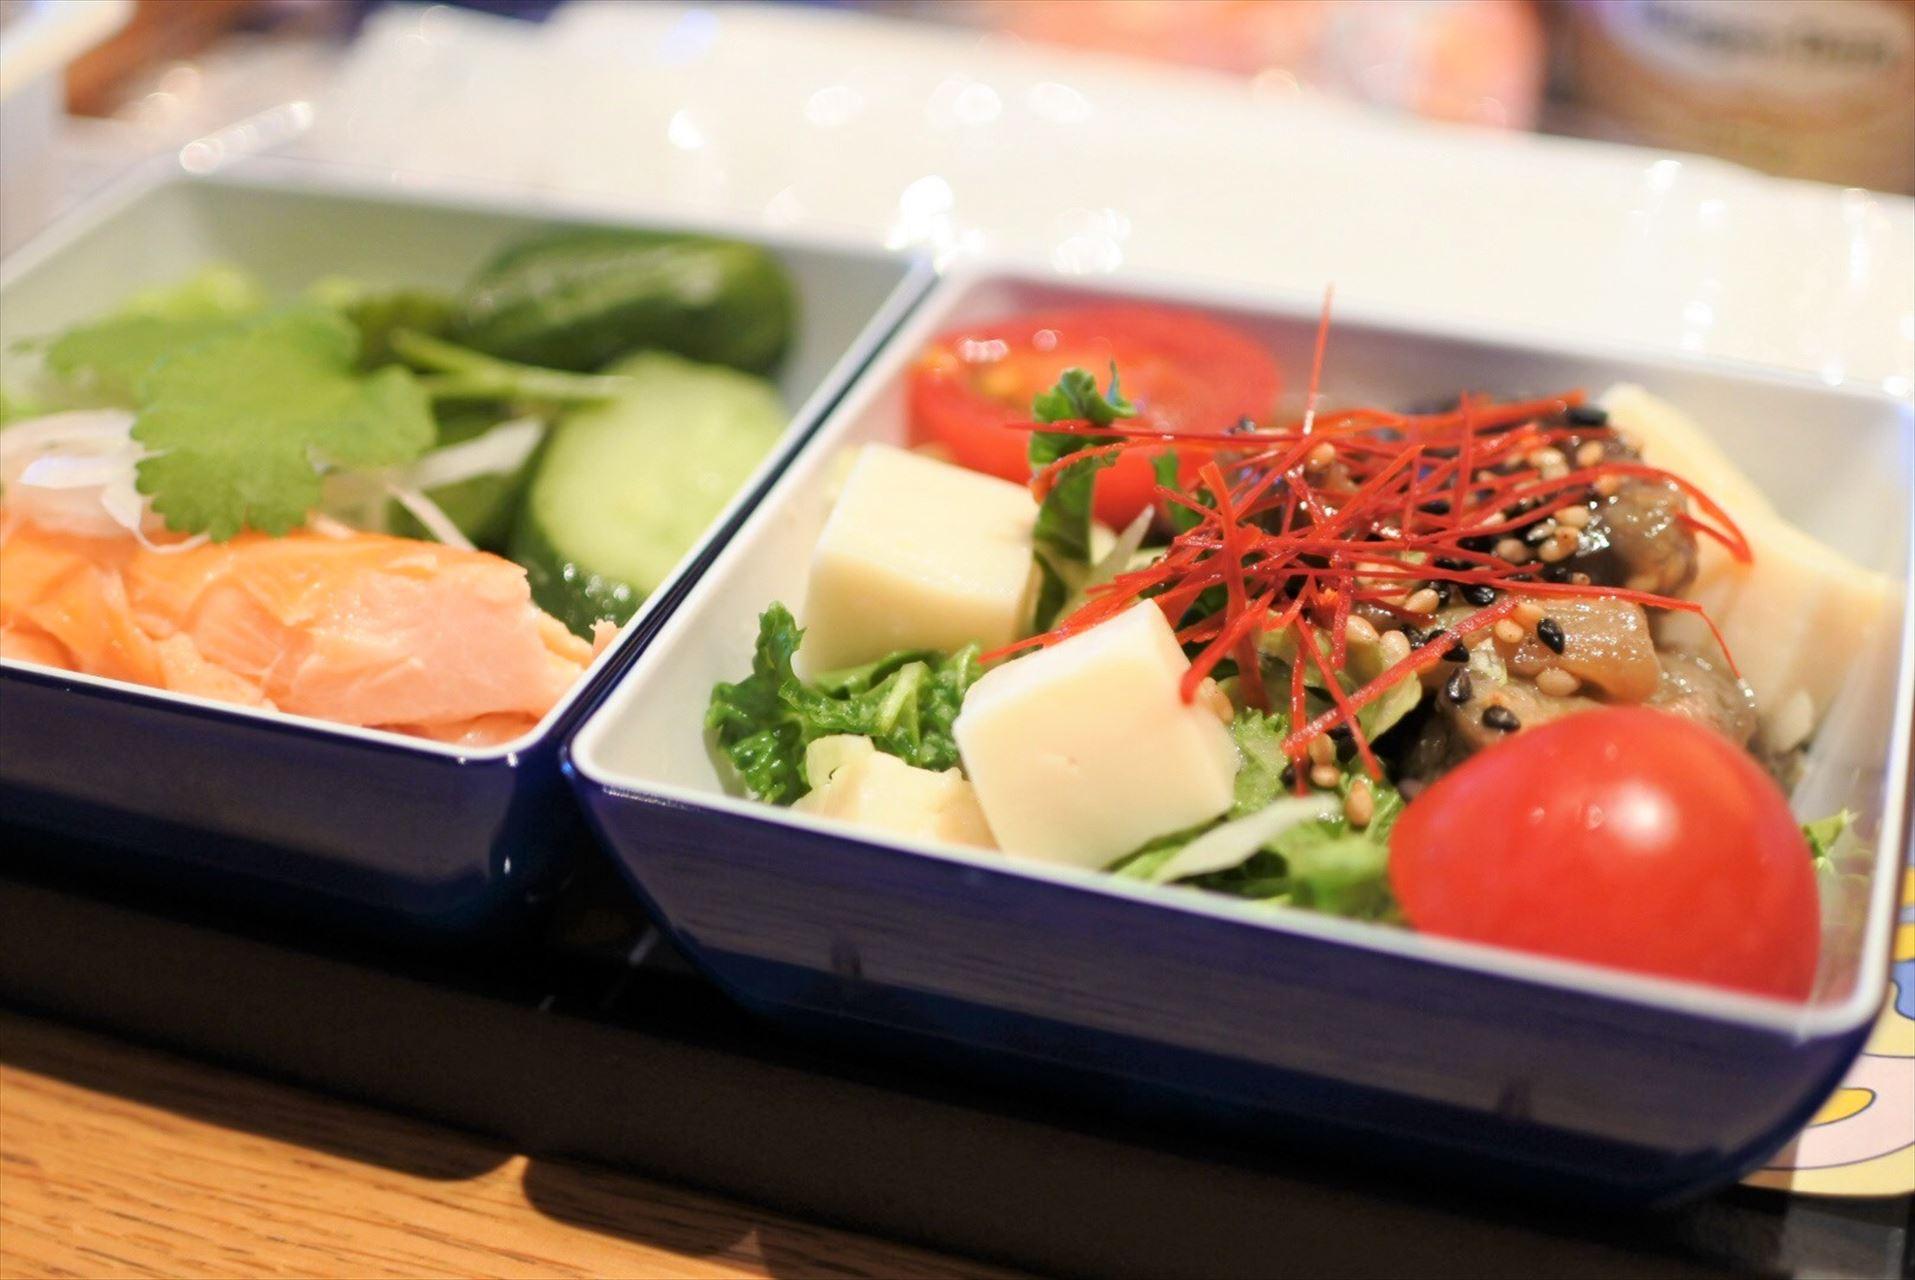 味噌でマリネした茄子のソテー、ケールとレタス、豆腐のサラダ